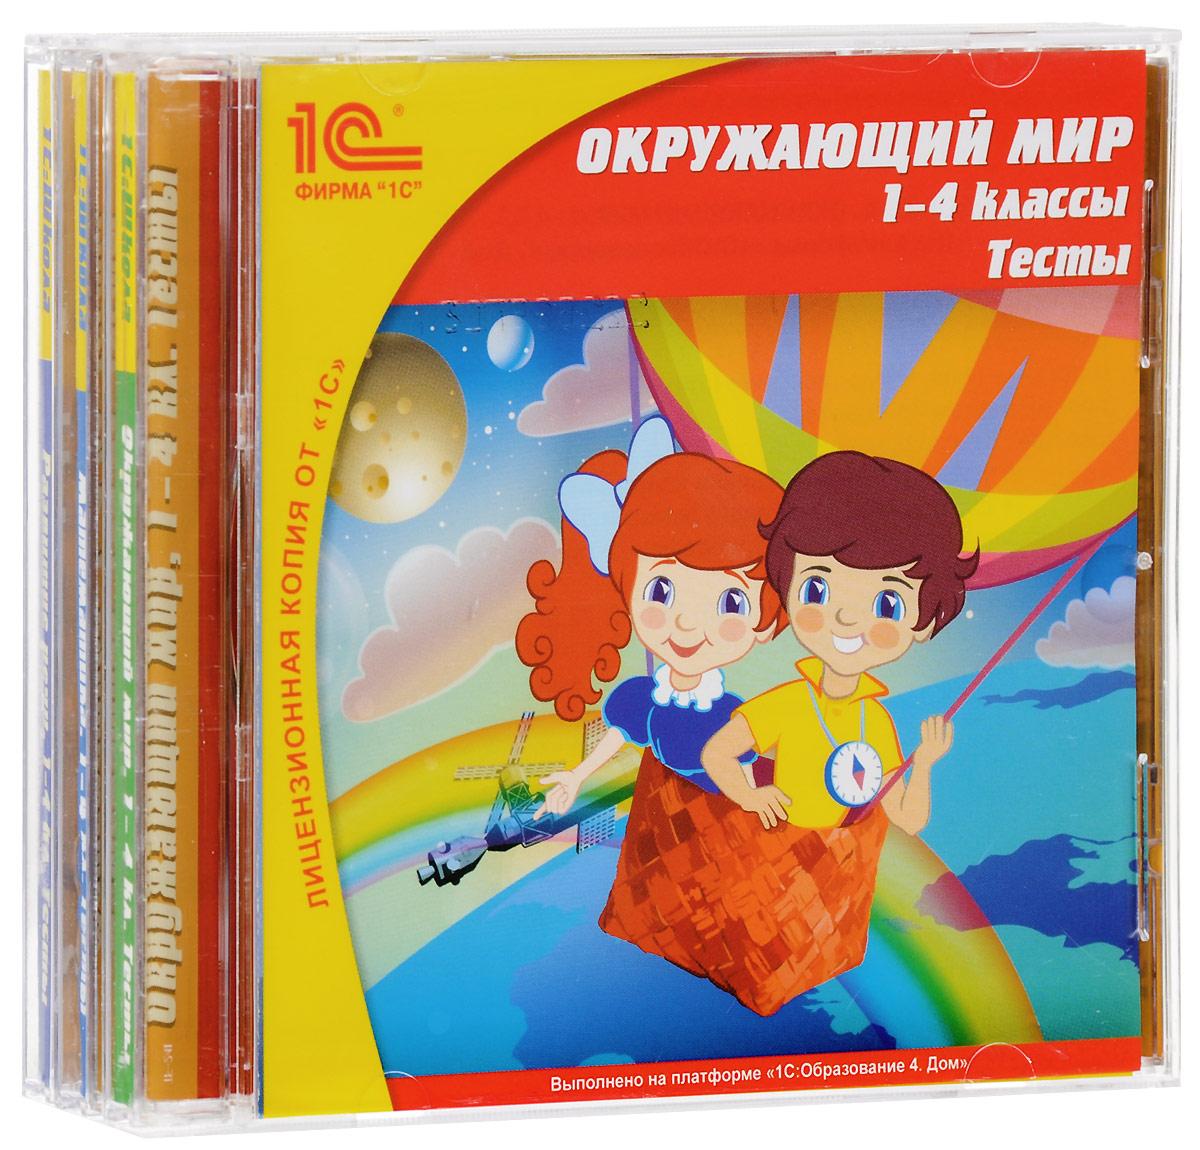 Zakazat.ru 1С:Школа. Комплект Тесты для начальной школы 1-4 классы